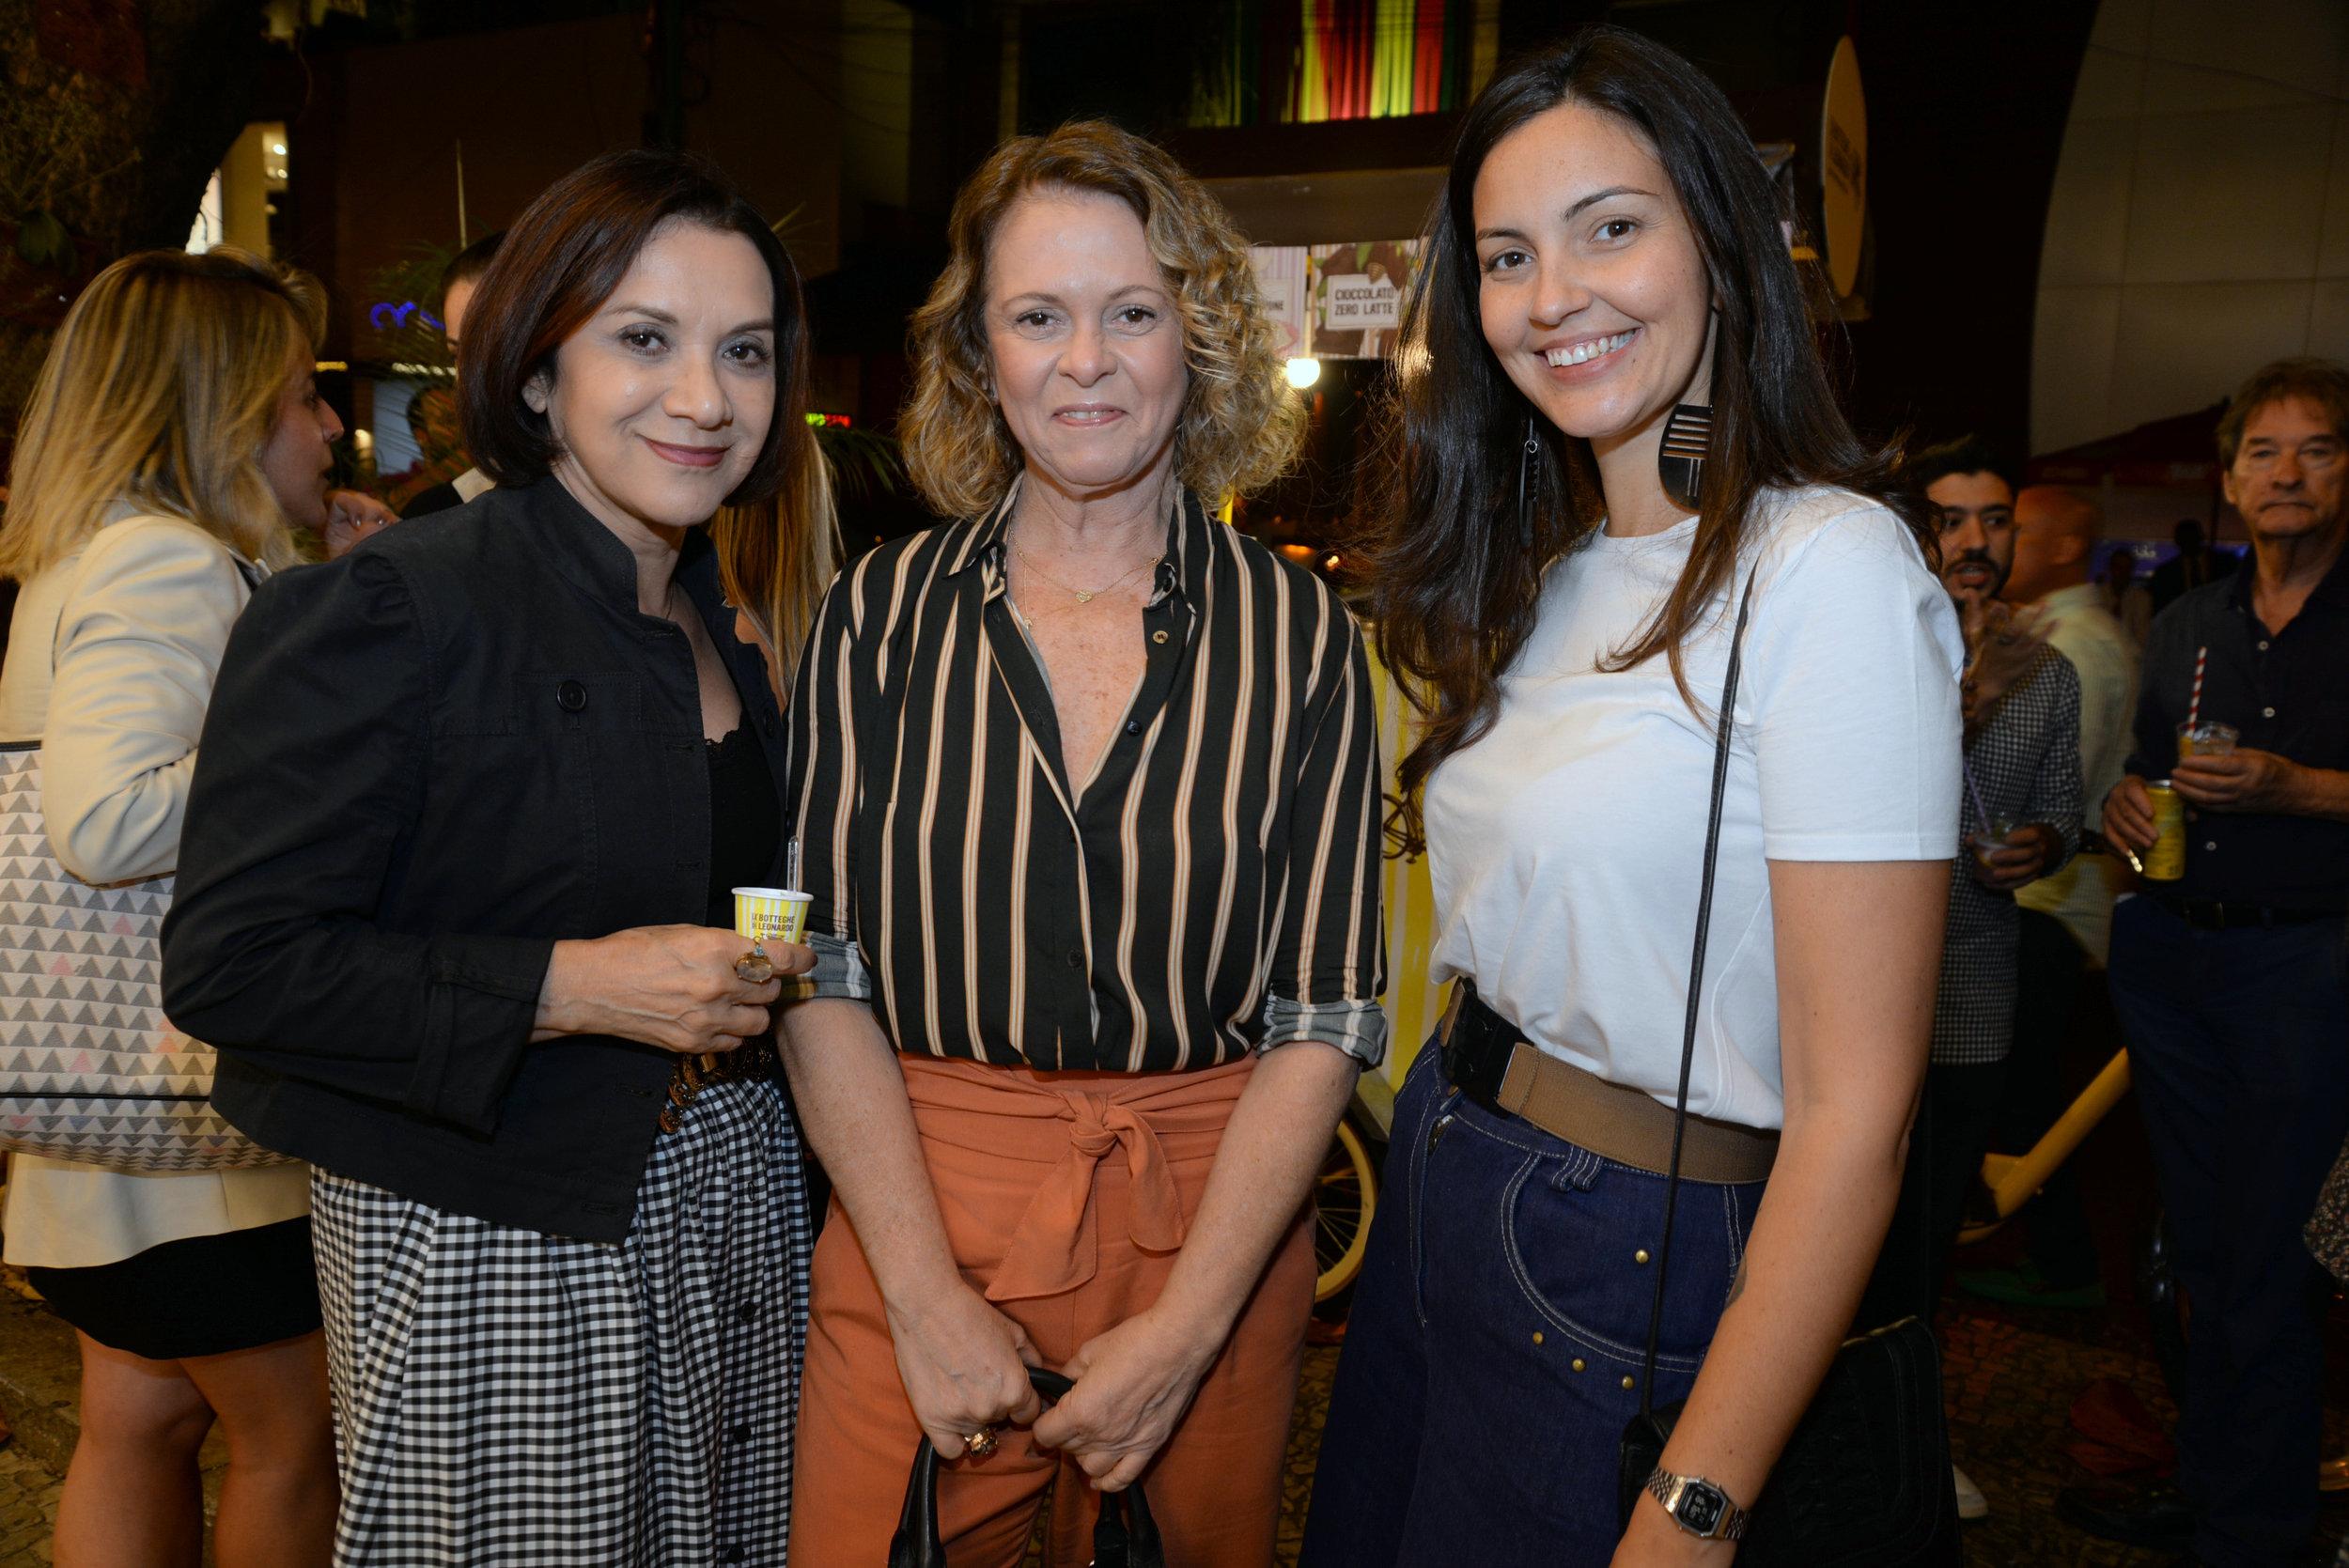 Sueli Bombiere, Aninha Costa e Maria CortezDSC_5383.JPG